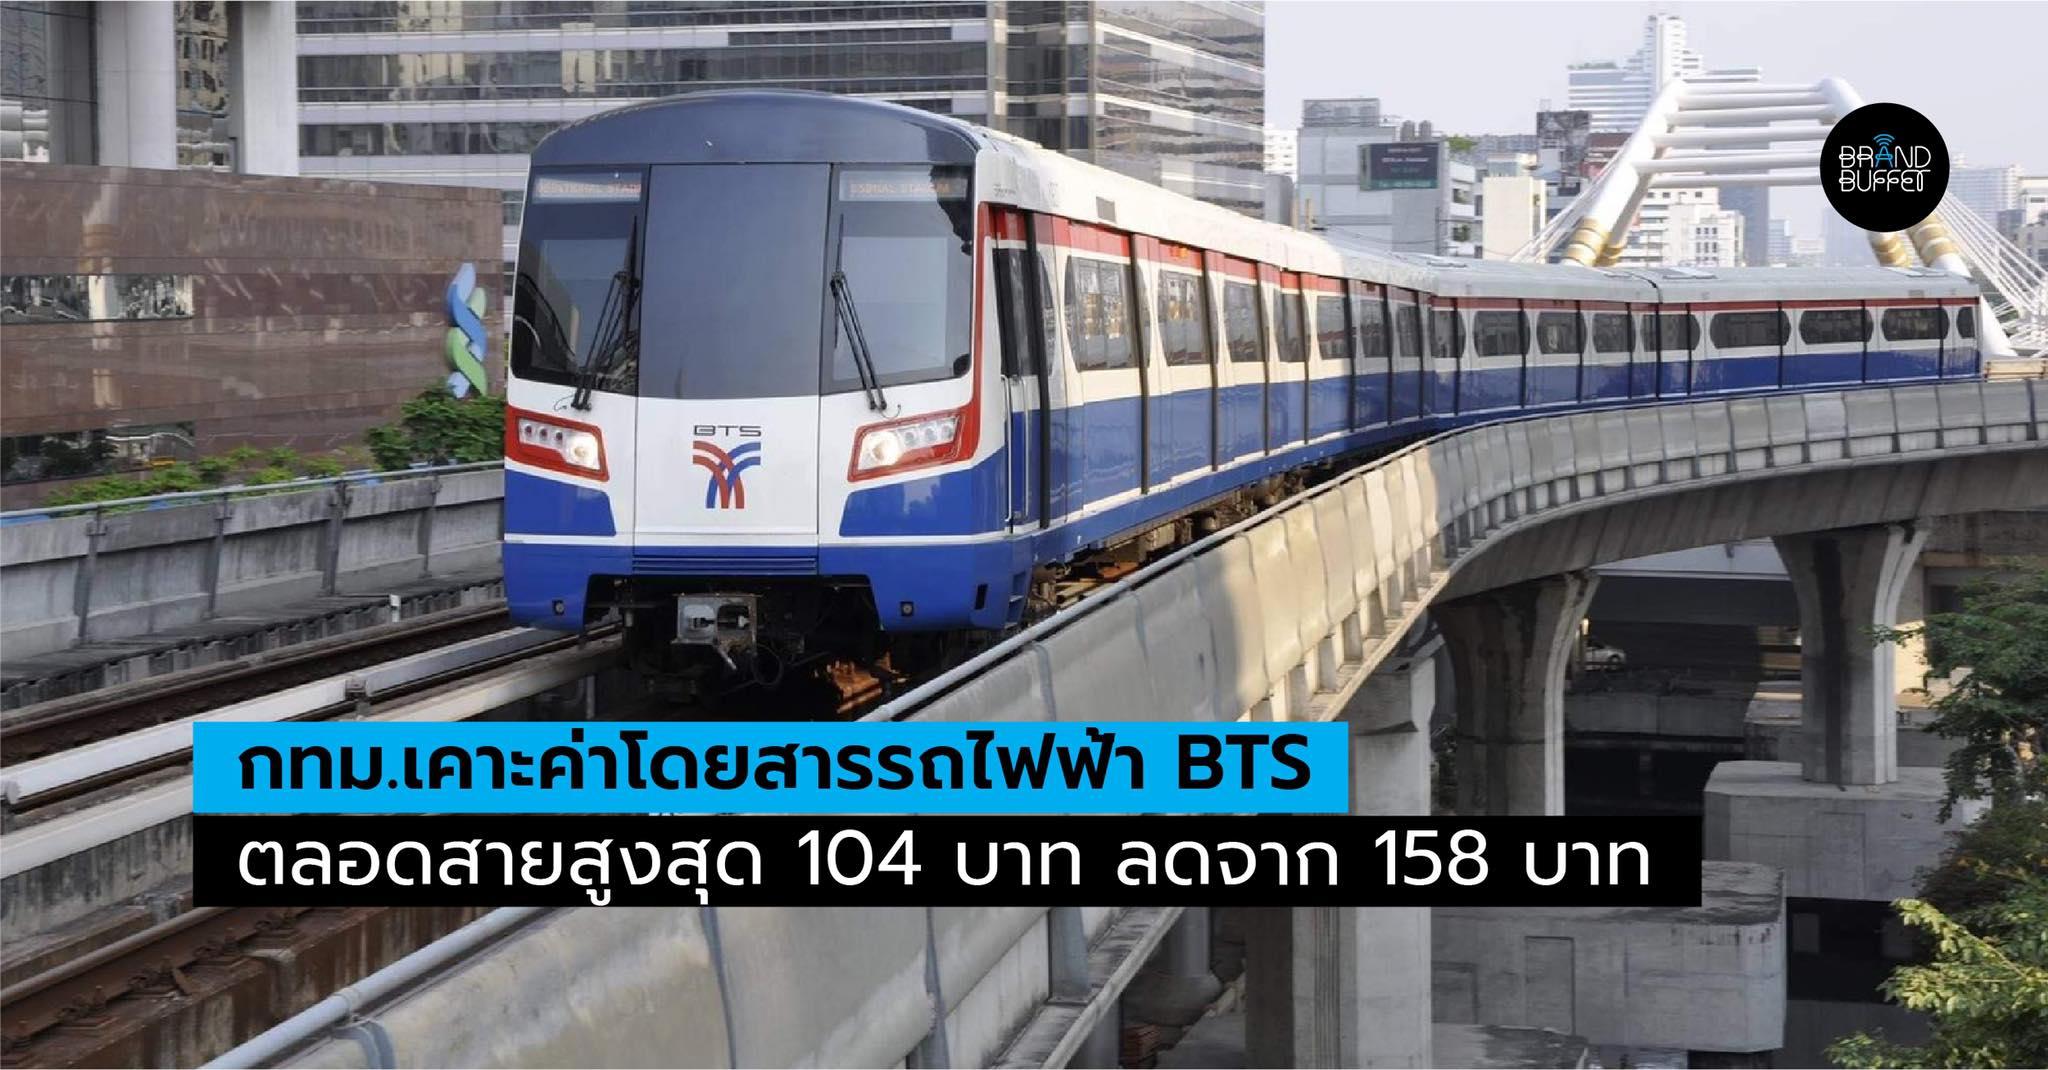 bkk bts cover